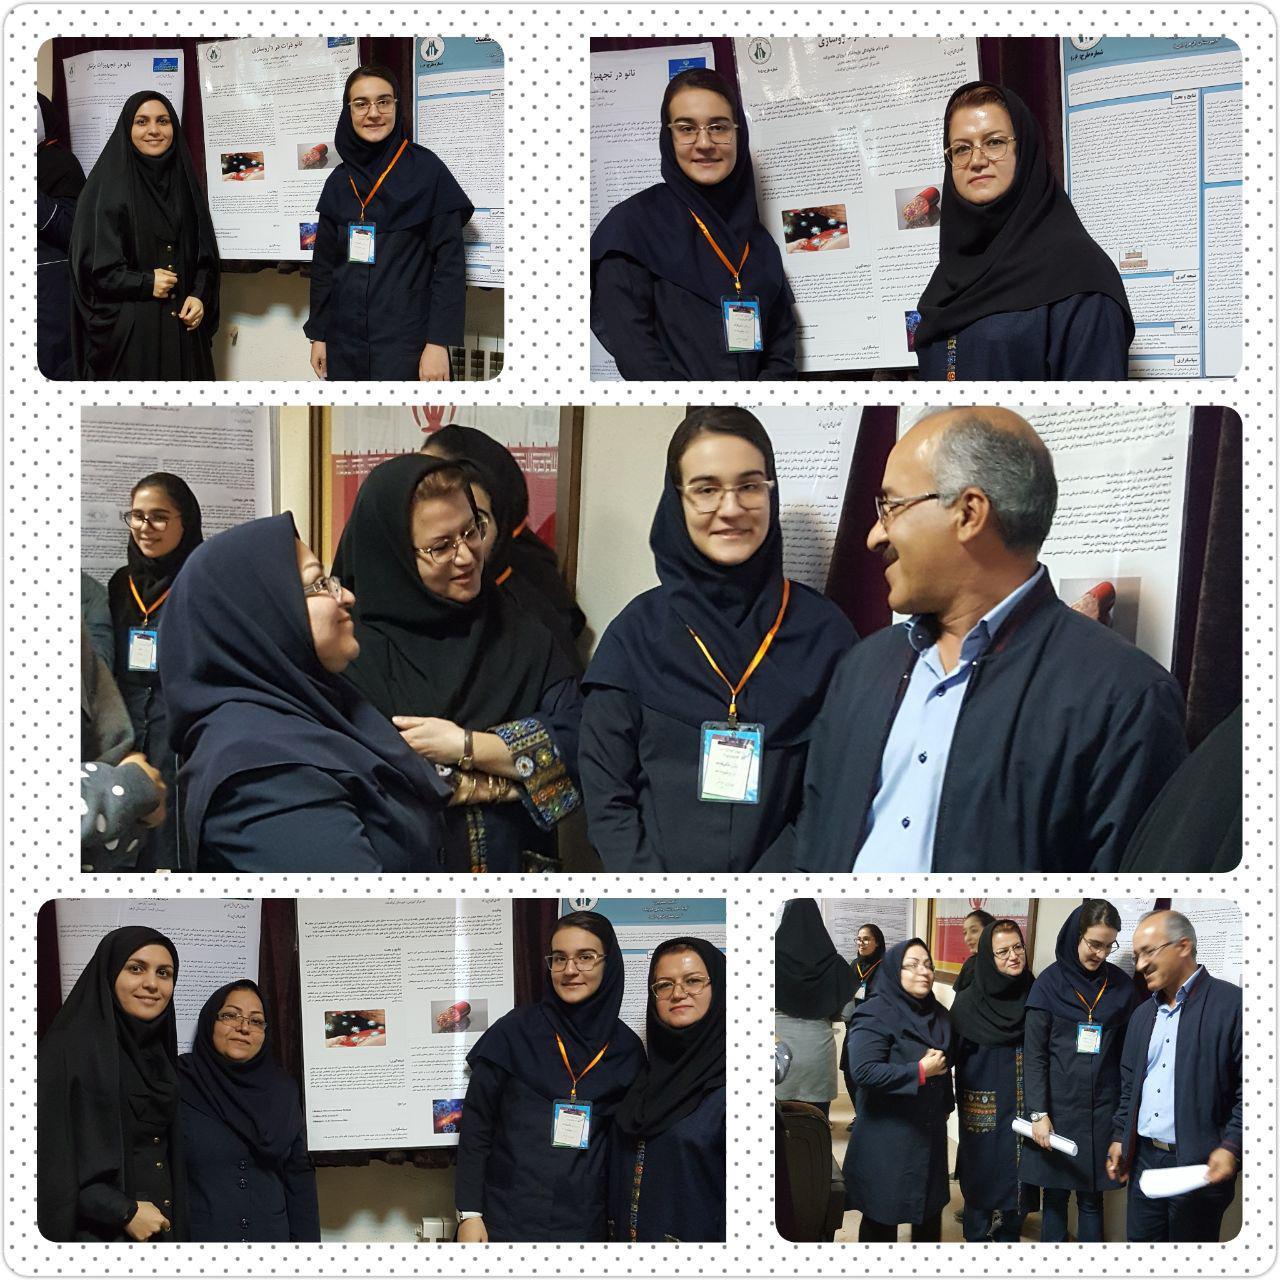 - تبریک و تشکر از دانش آموز روژان هادی زاده برگزیده مسابقات نانو